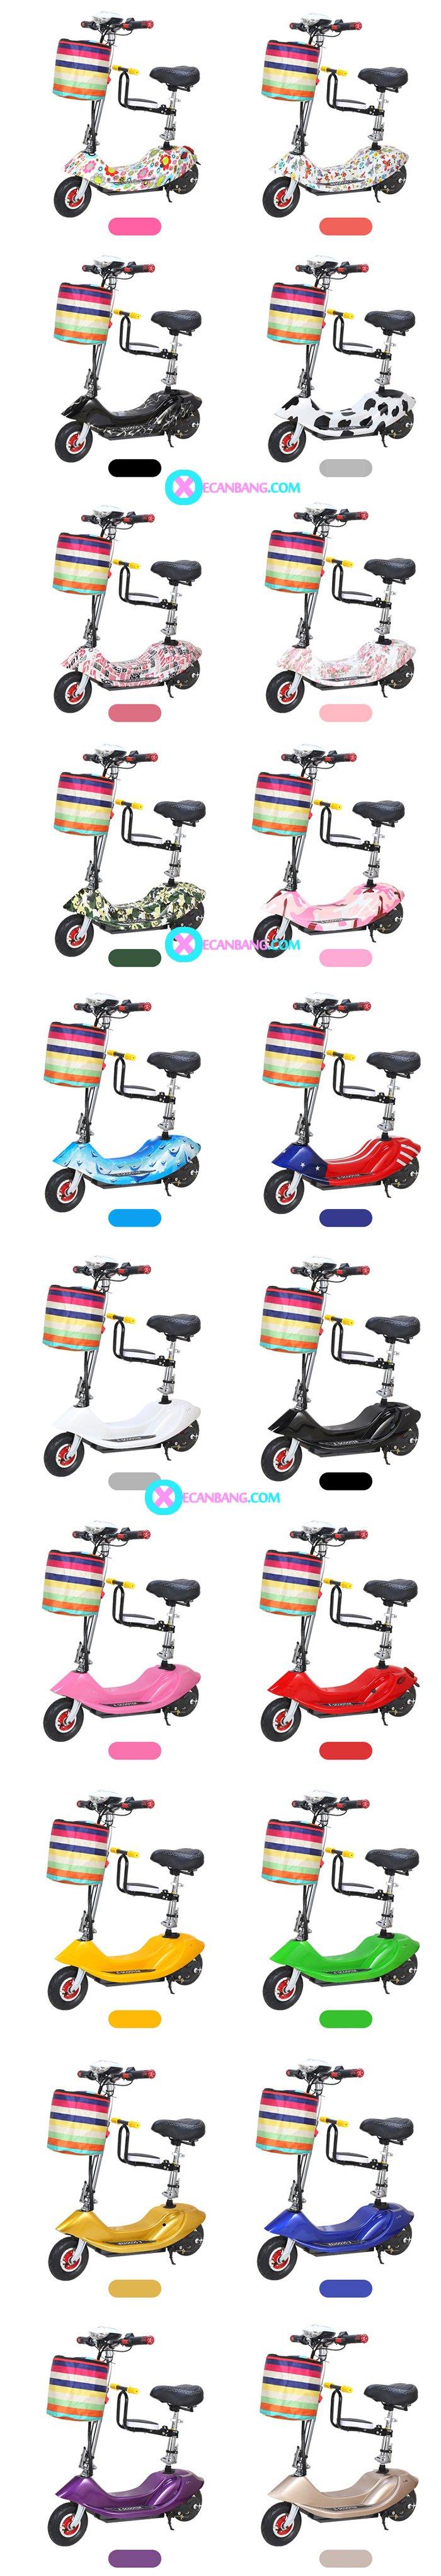 Xe điện E-Scooter mini dùng pin 36V có yên cho bé 8